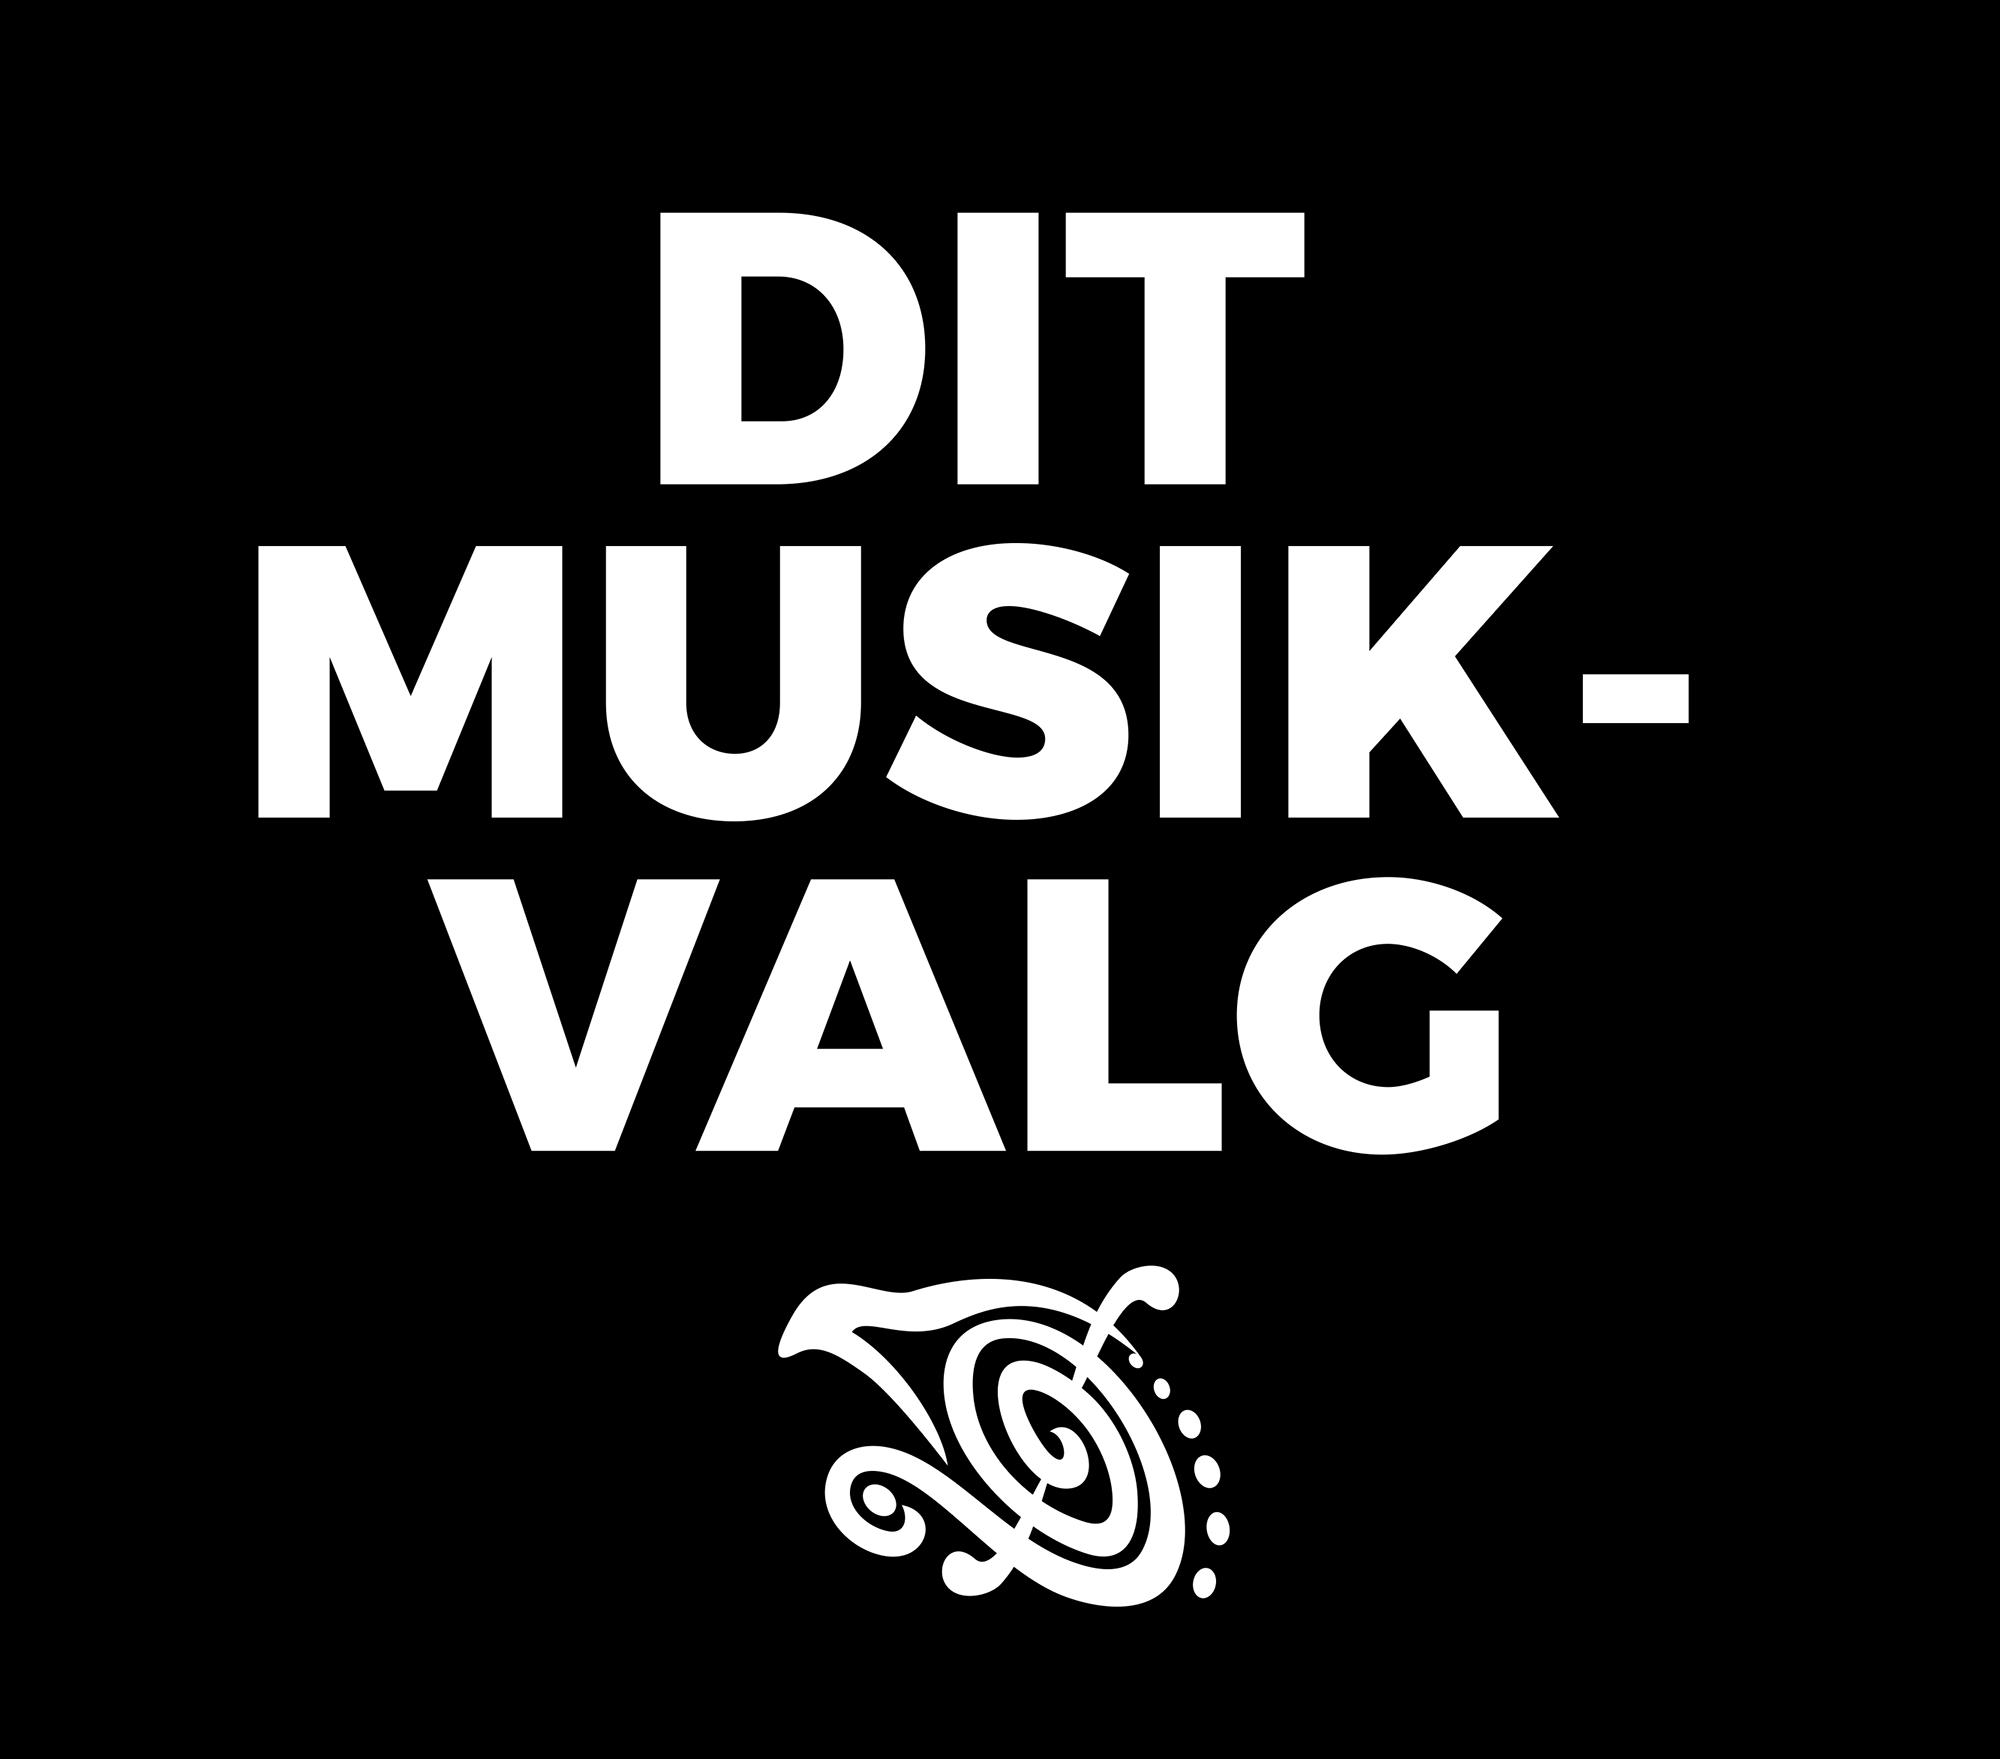 SPIL DANSK UGEN 2021 Dit musikvalg sort